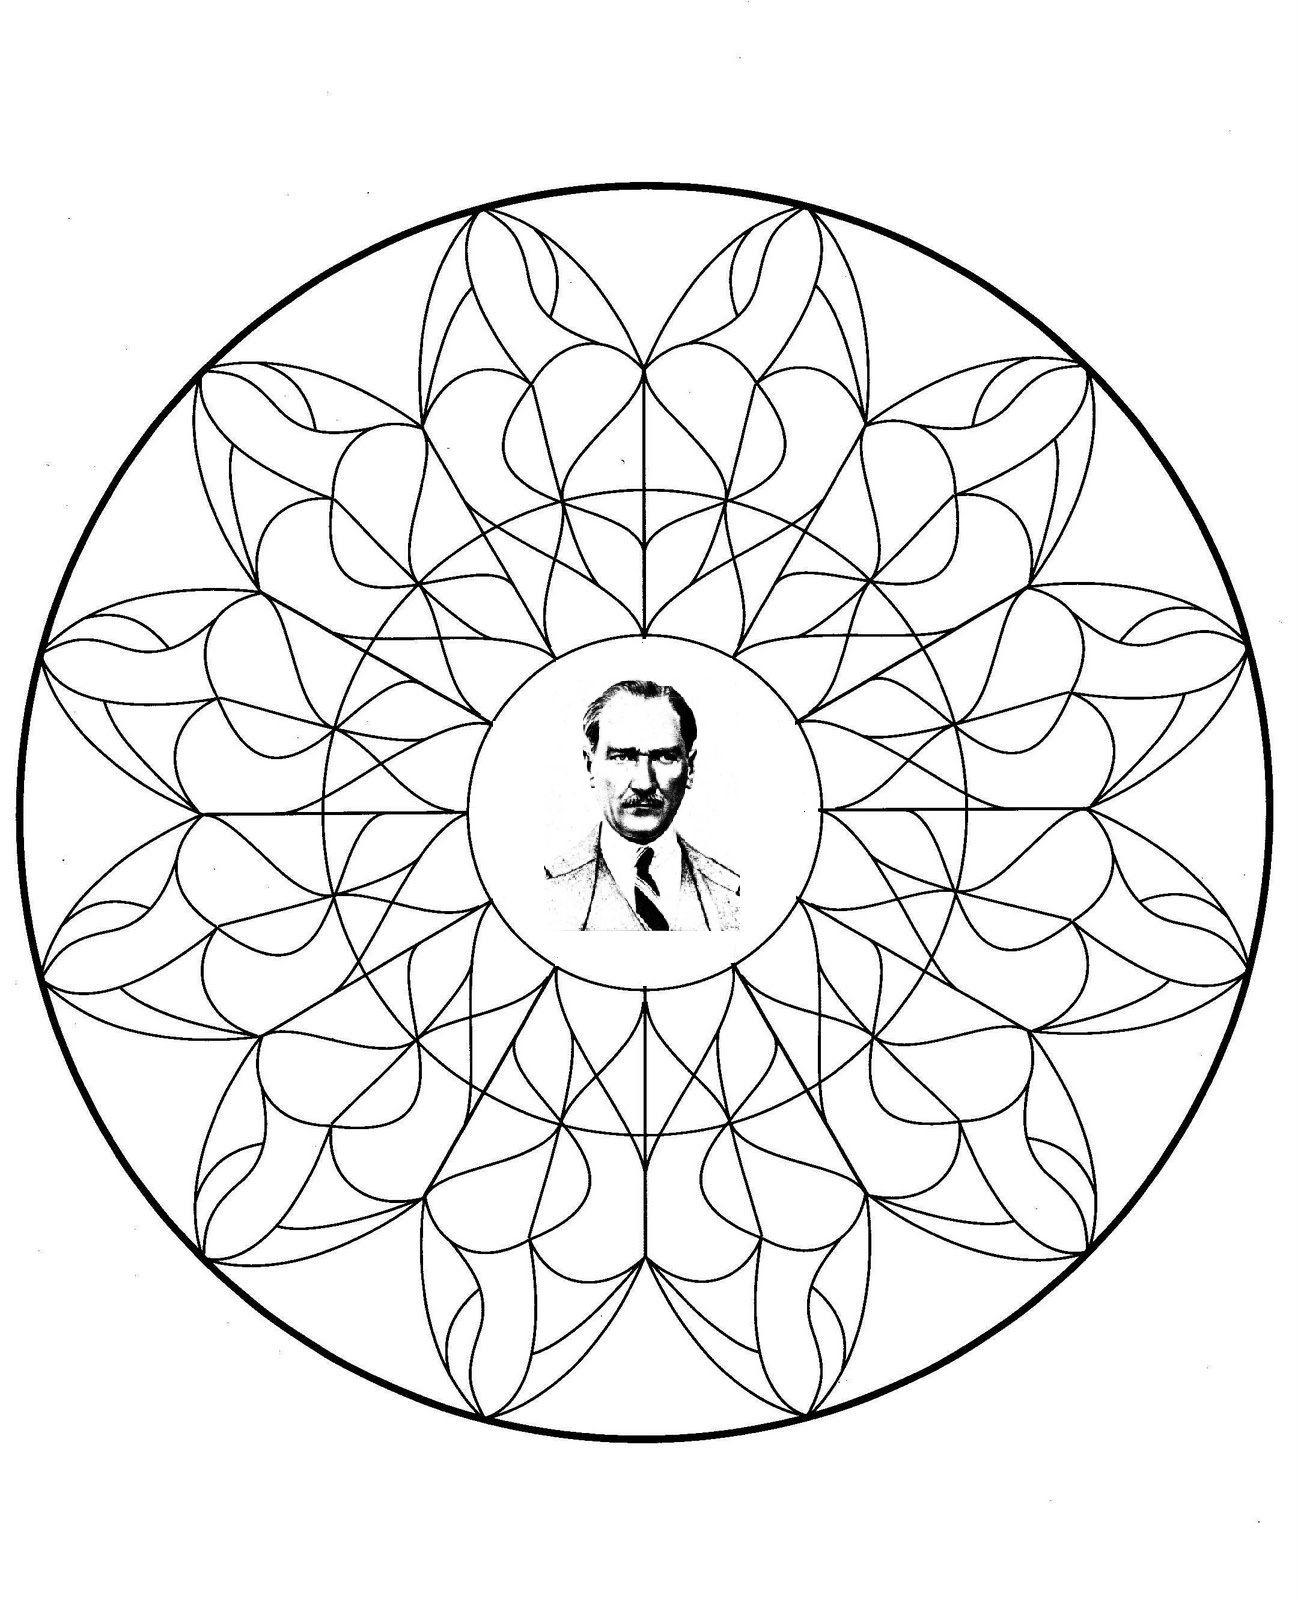 Atatürk Atatürkboyama Boyama 10kasımboyama A4 Mandala Mandala